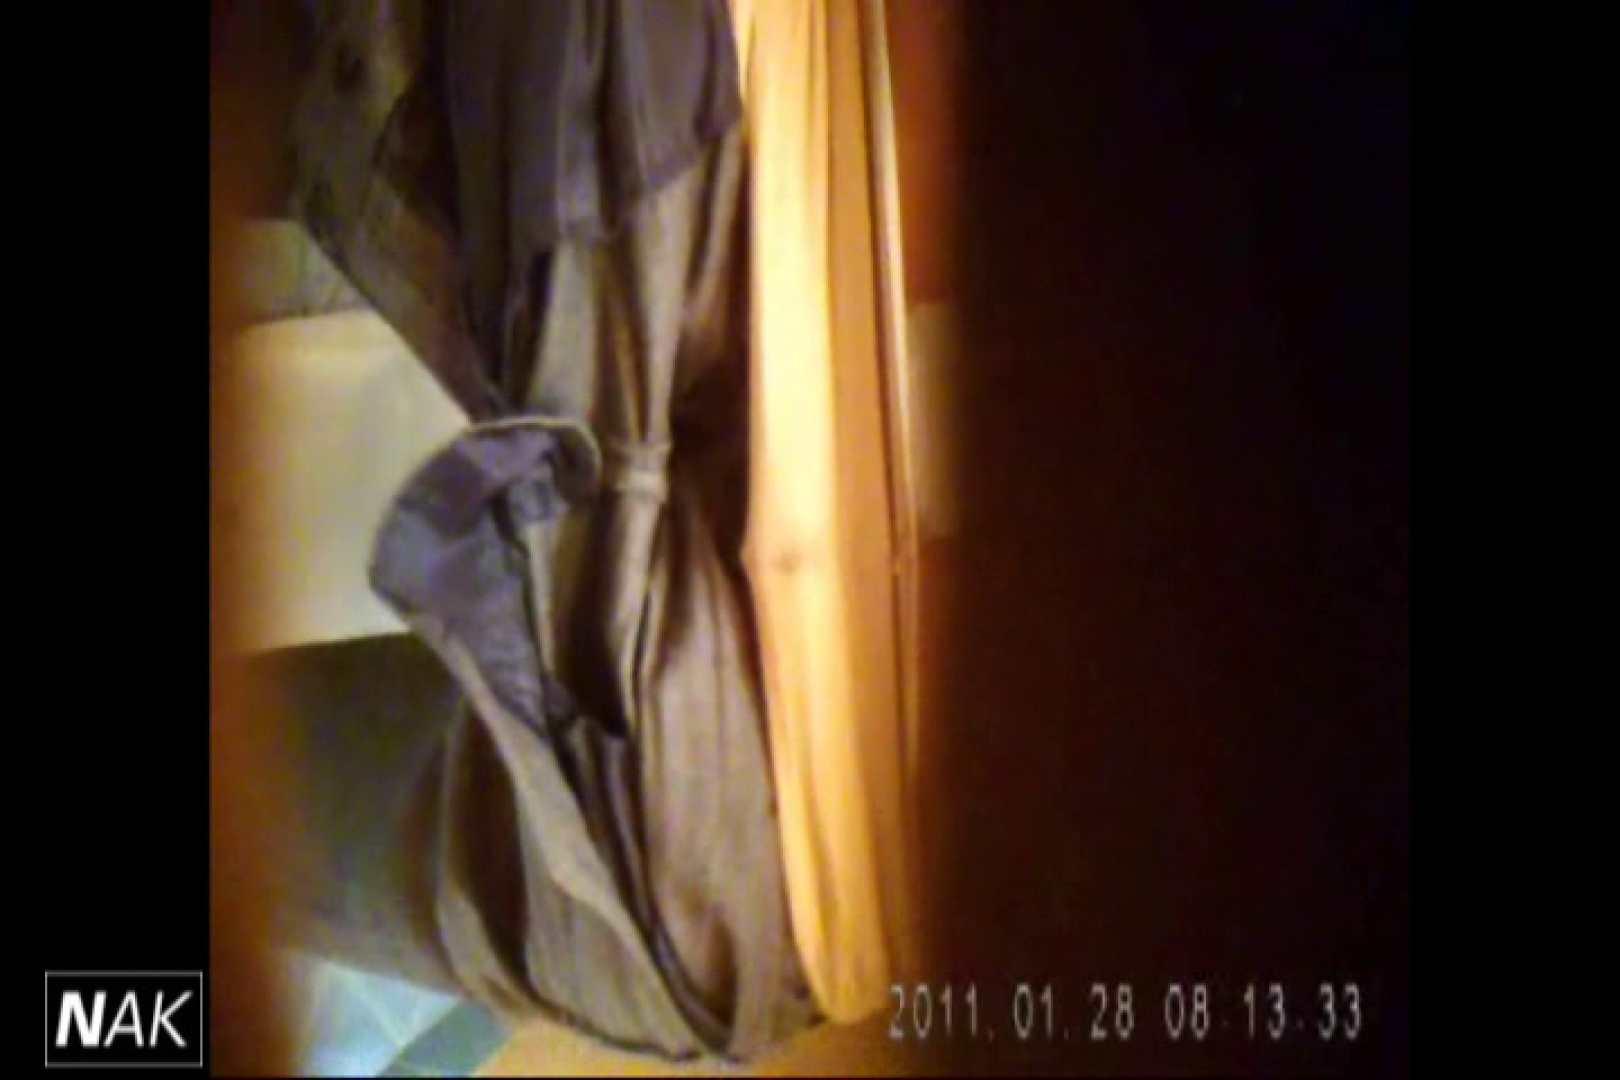 せん八さんの厠観察日記!2点監視カメラ 高画質5000K vol.14 高画質 | エロいお姉さん  9枚 9